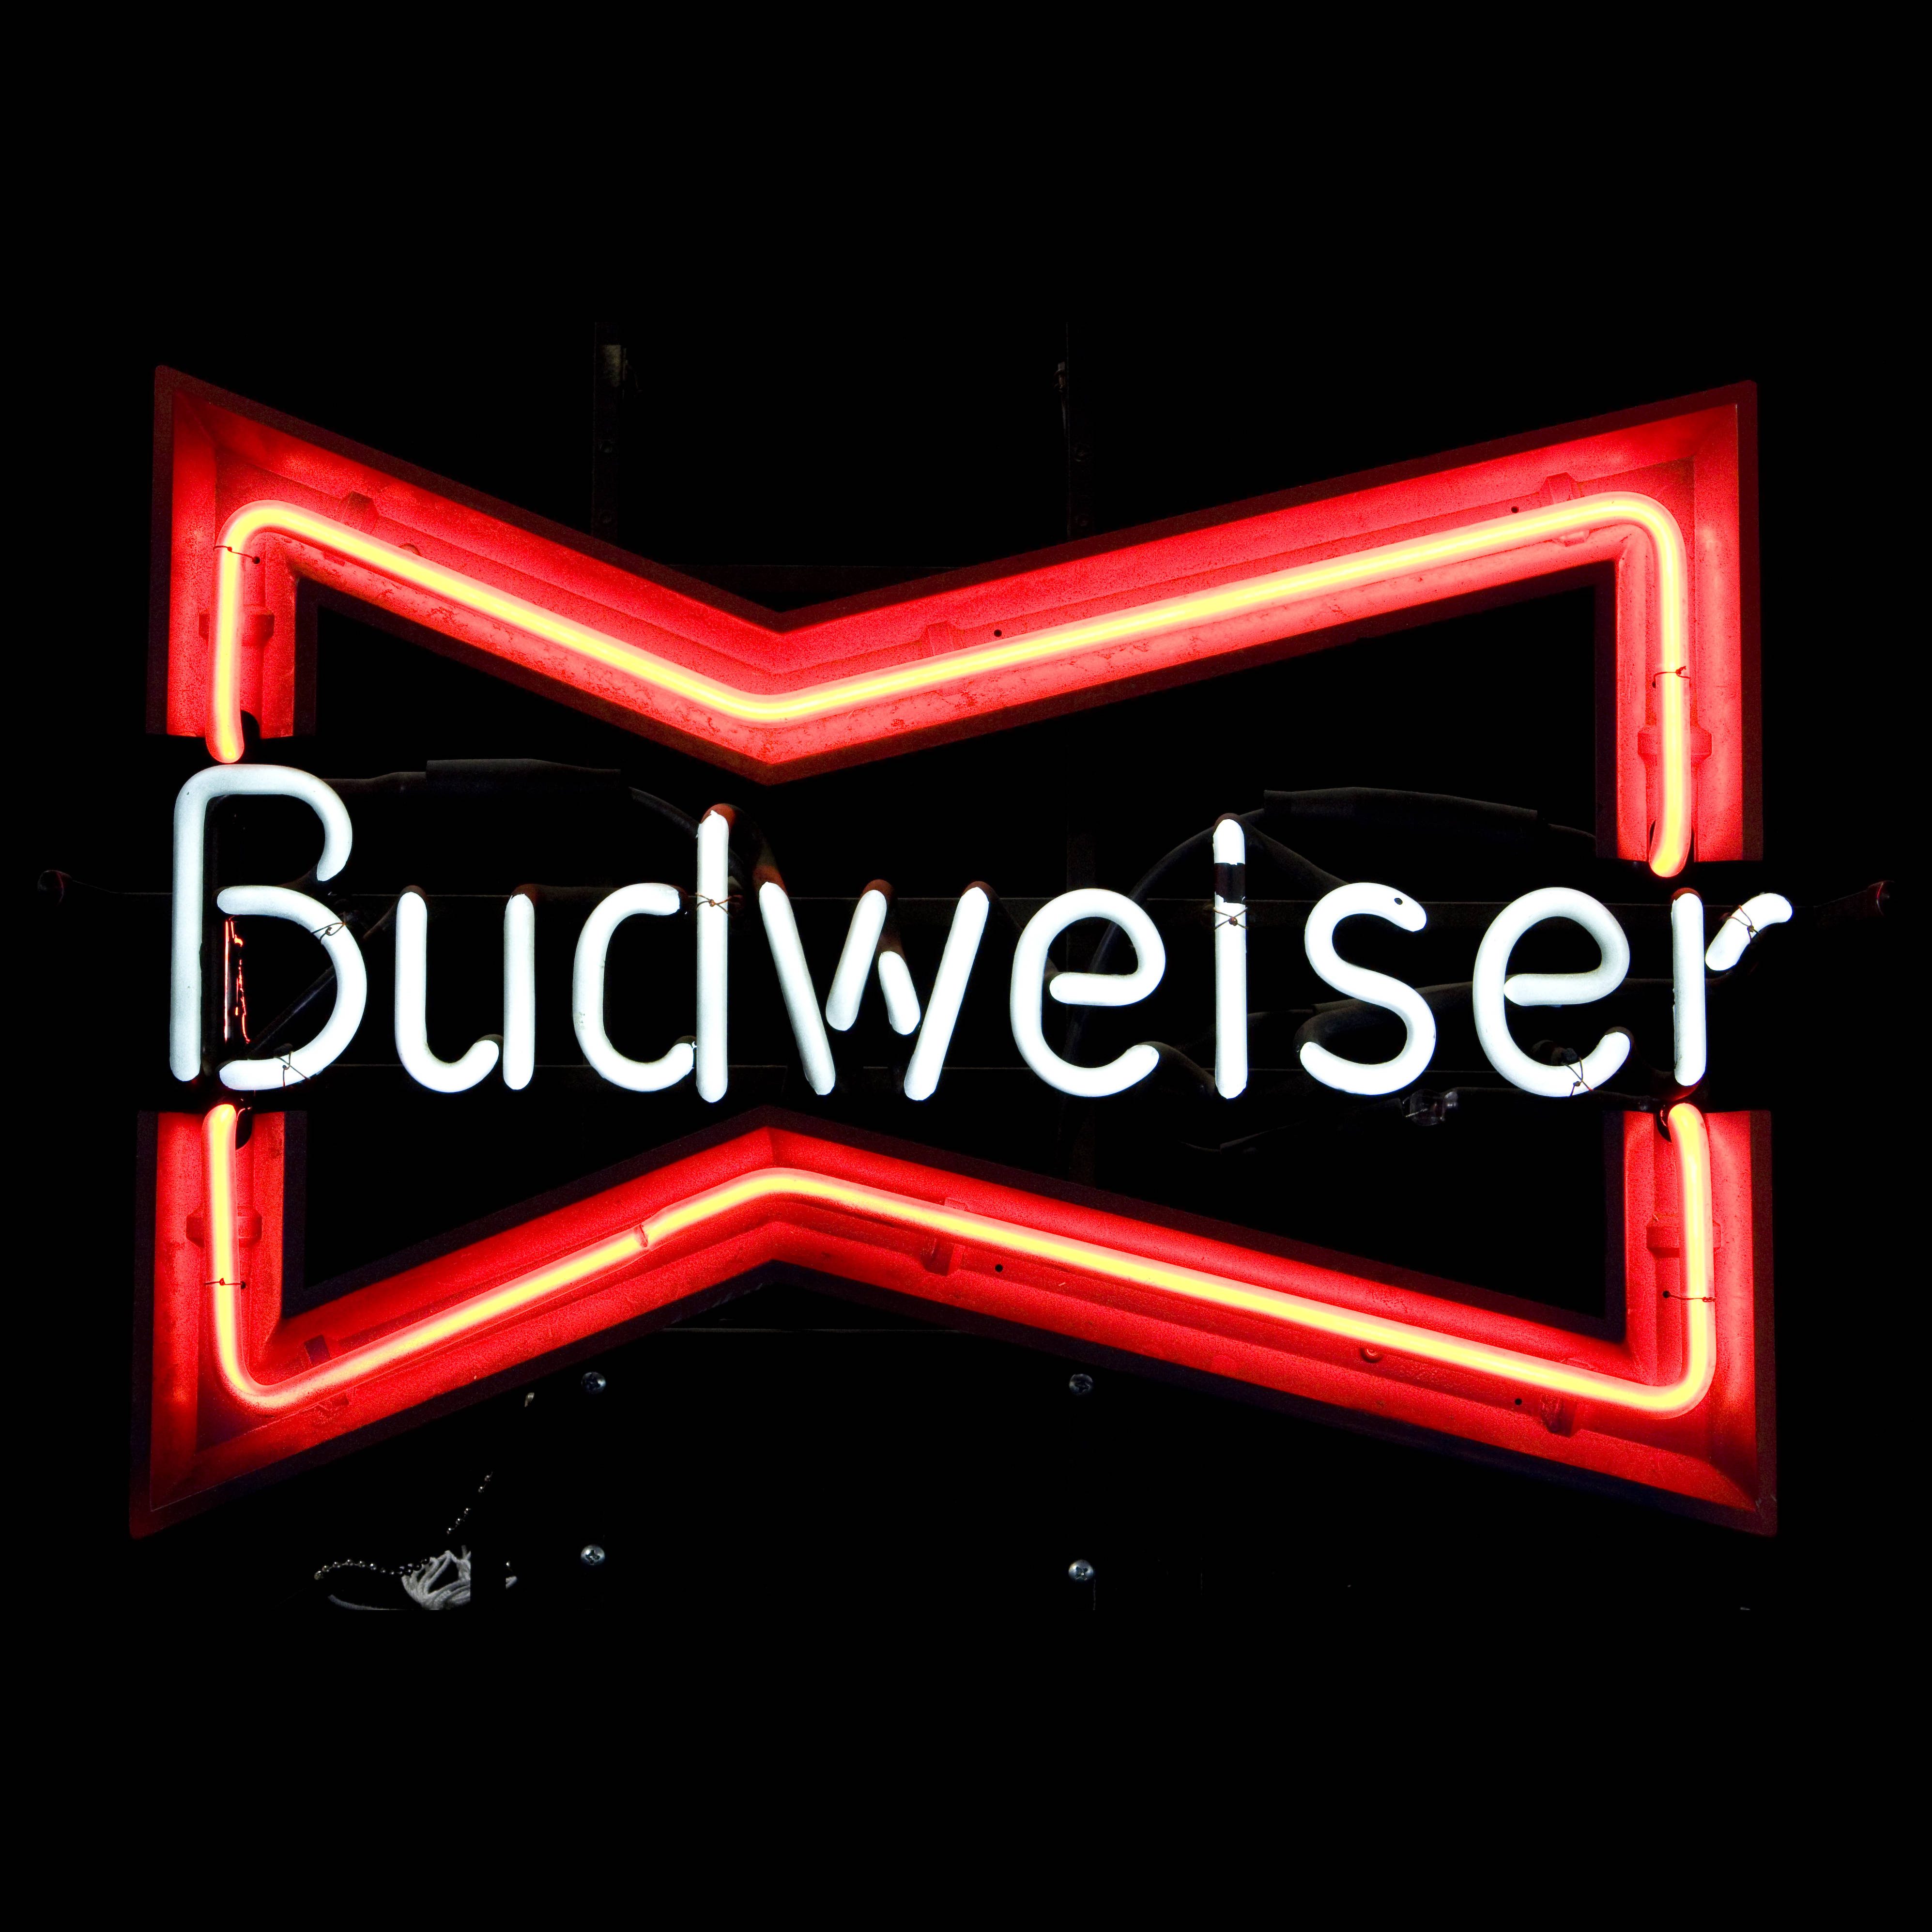 BUDWEISER / NEON SIGN   Air Designs